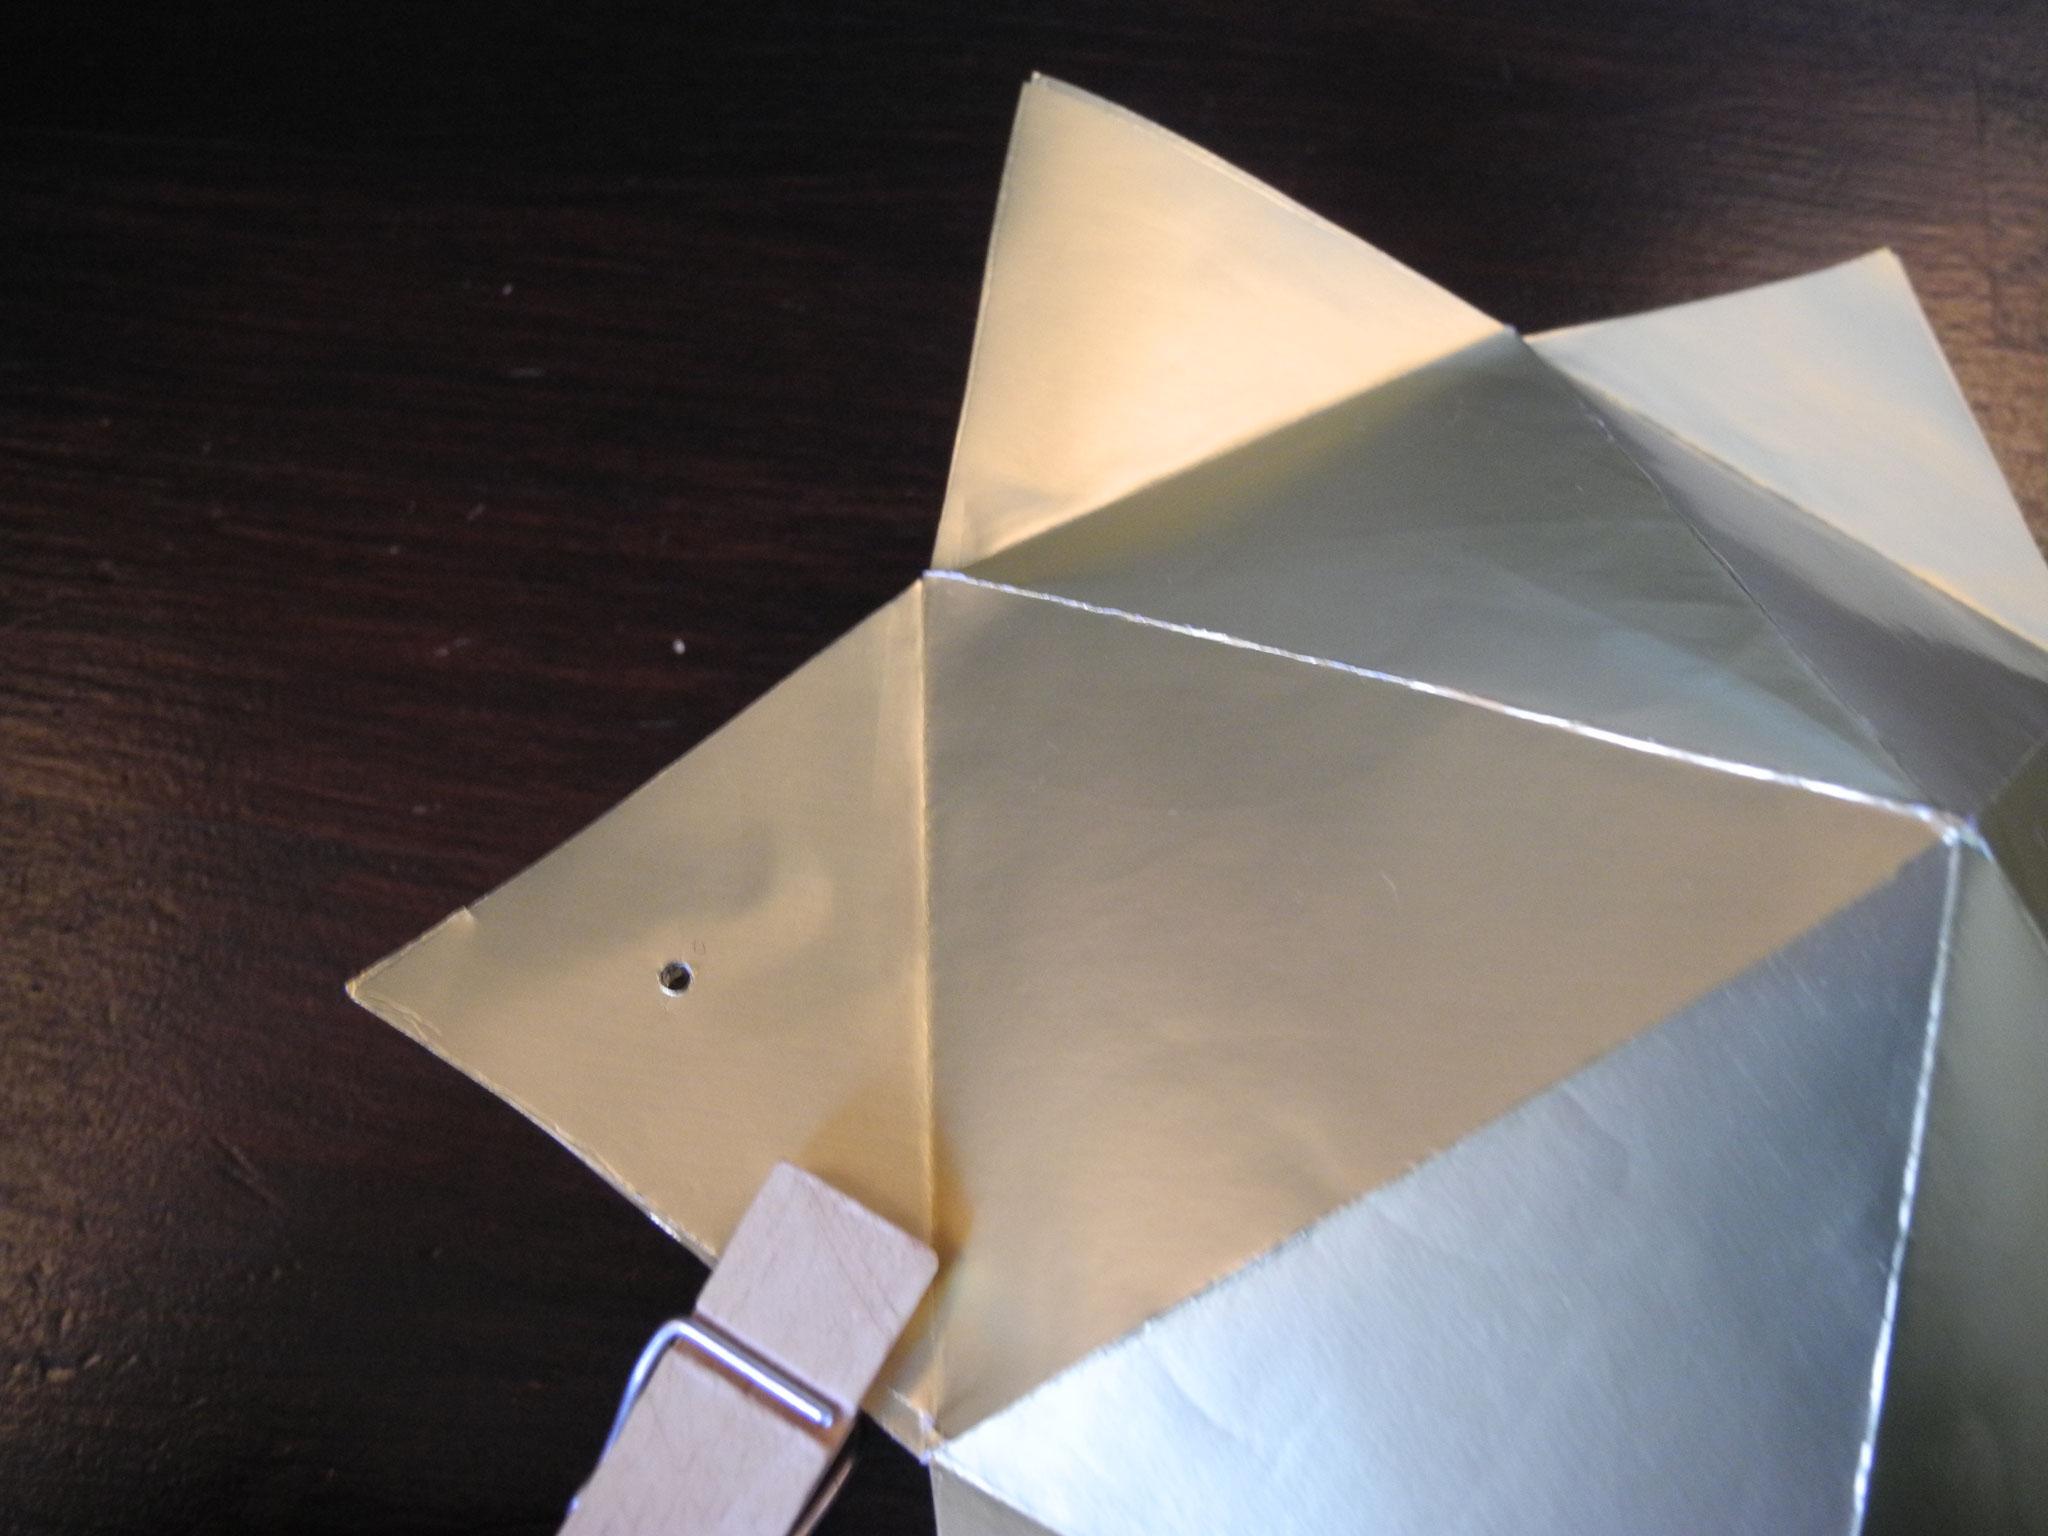 Mit der Nadel ein Loch durch die Öffnungszacke stechen und einen Faden zum aufhängen durchziehen